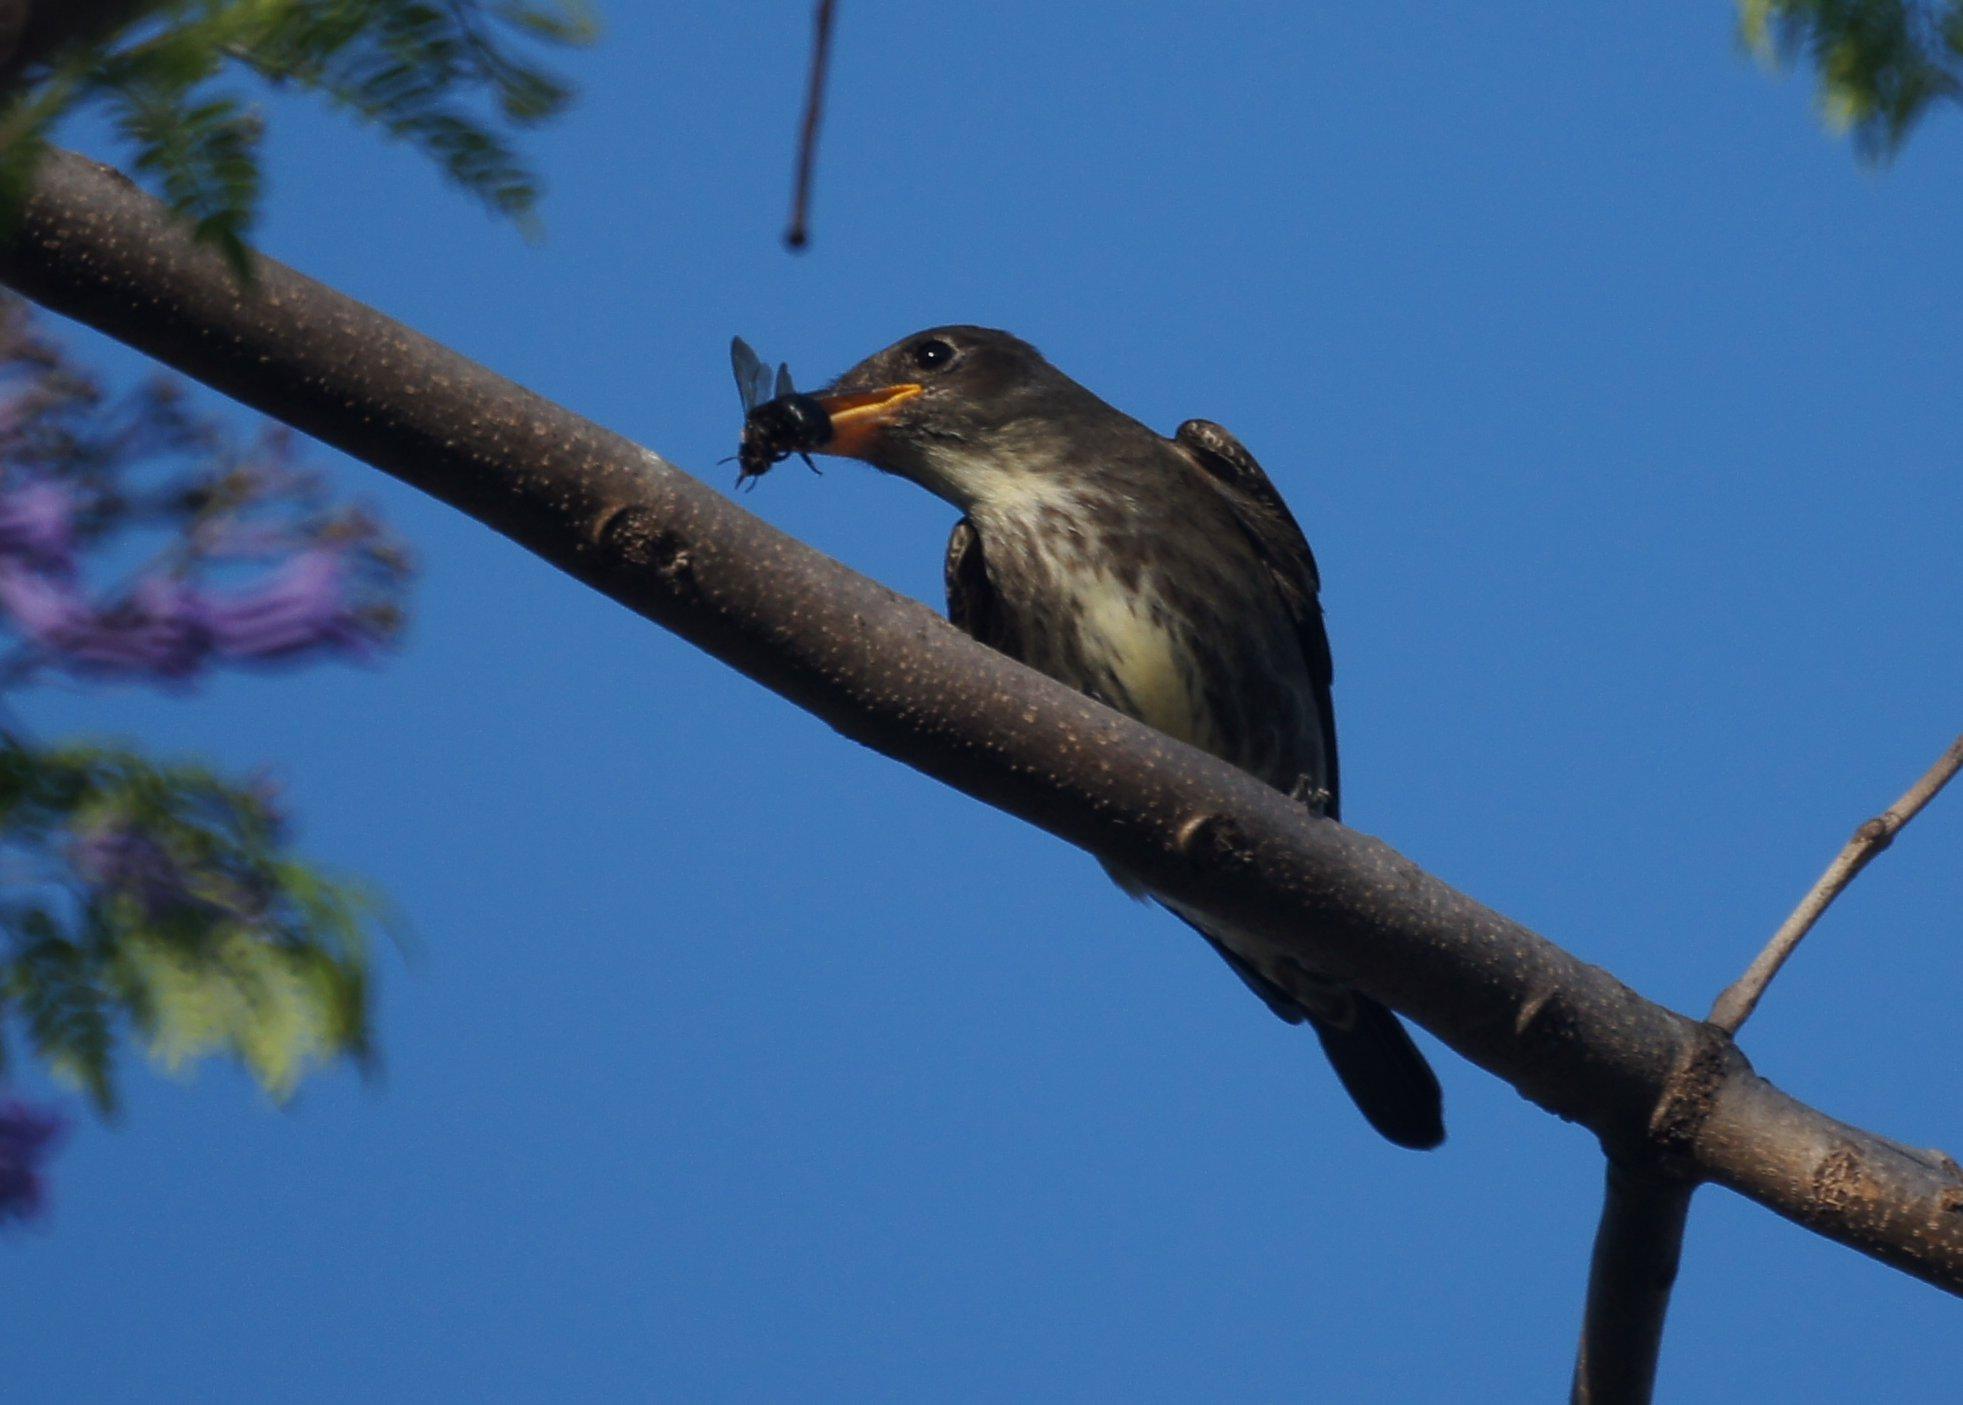 Olive-sided Flycatcher photo by Mike's birds